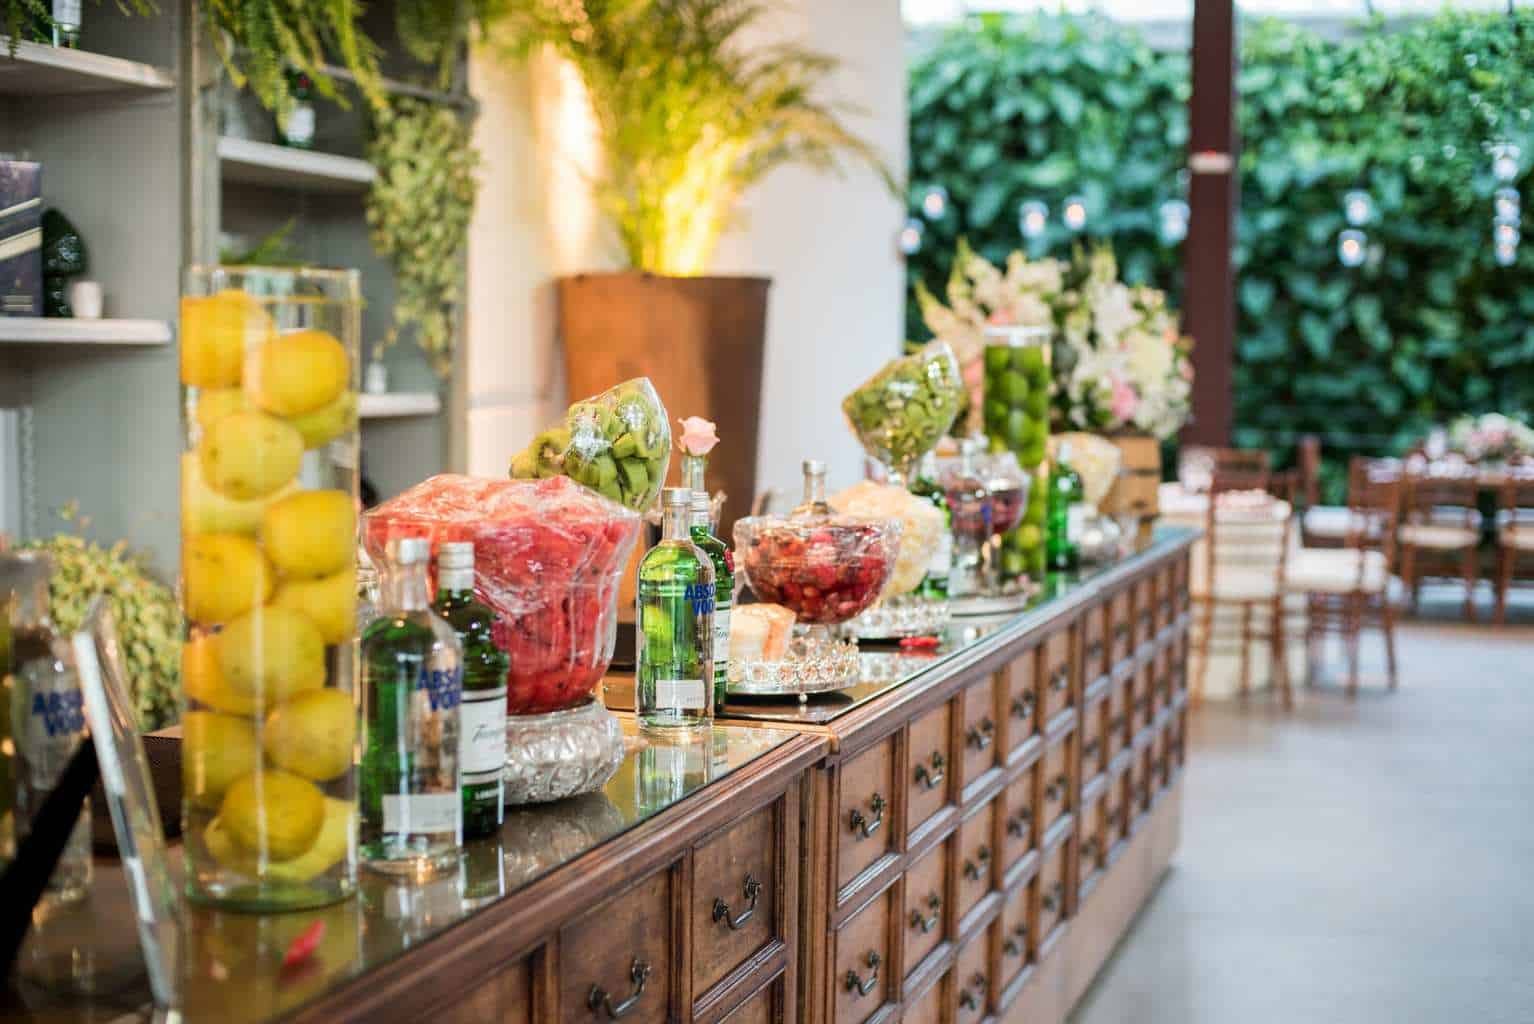 casamento-de-dia-casamento-Nicole-e-Thales-casamento-no-jardim-csasamento-ao-ar-livre-Fotografia-Marina-Fava-Galeria-Jardim-Rio-de-Janeiro-84